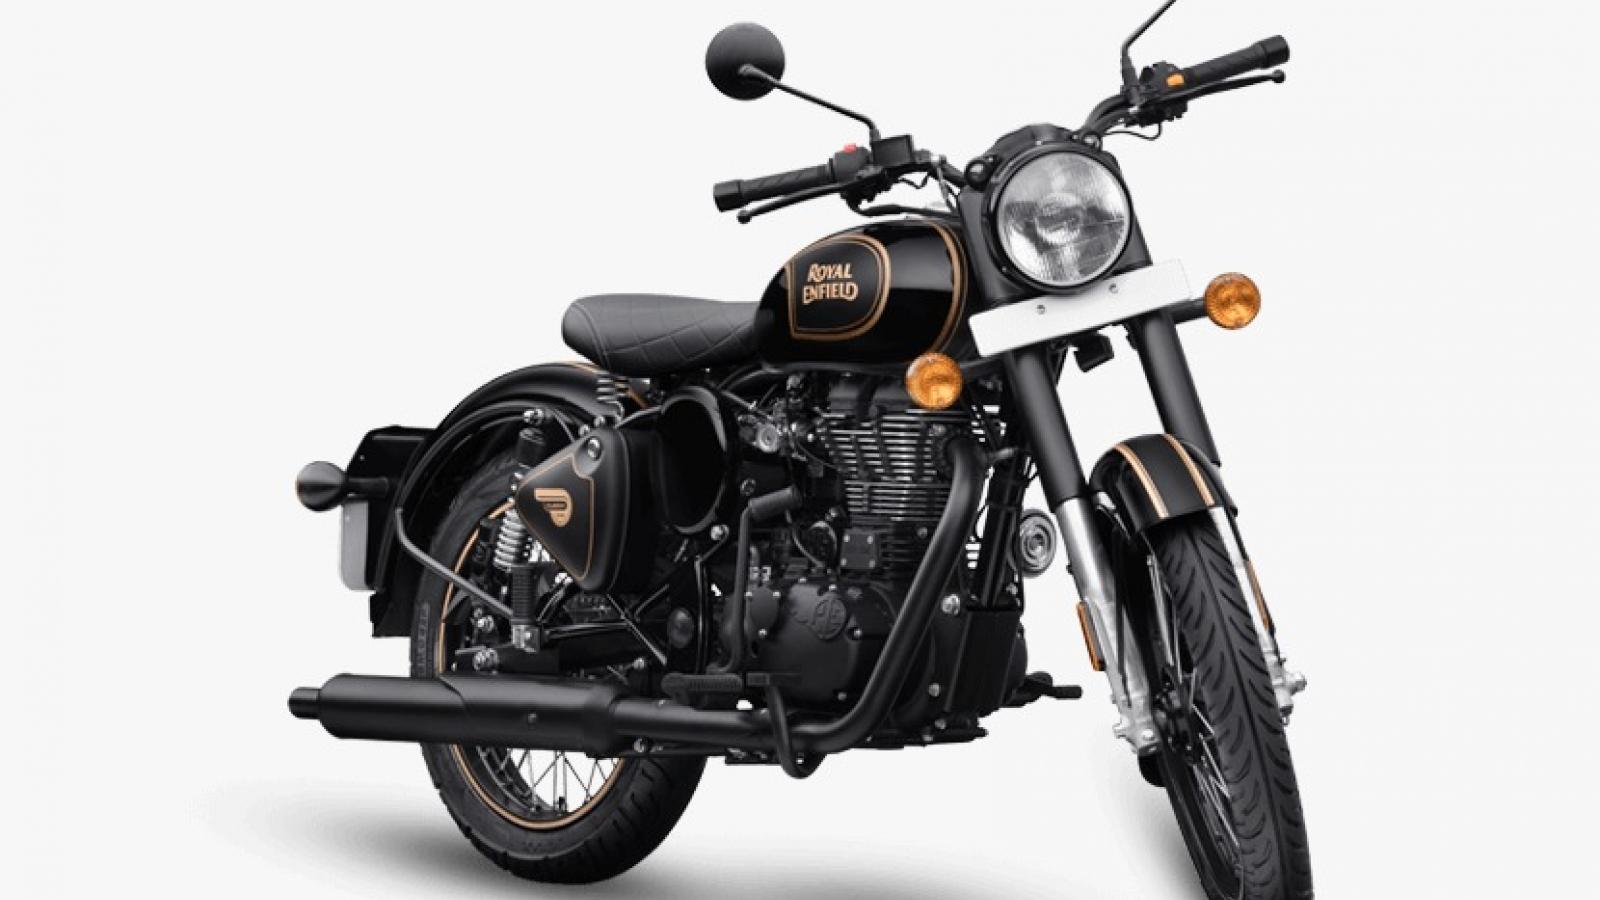 Royal Enfield Classic 500 Tribute Black đánh dấu hồi hết cho động cơ 500cc tại Úc